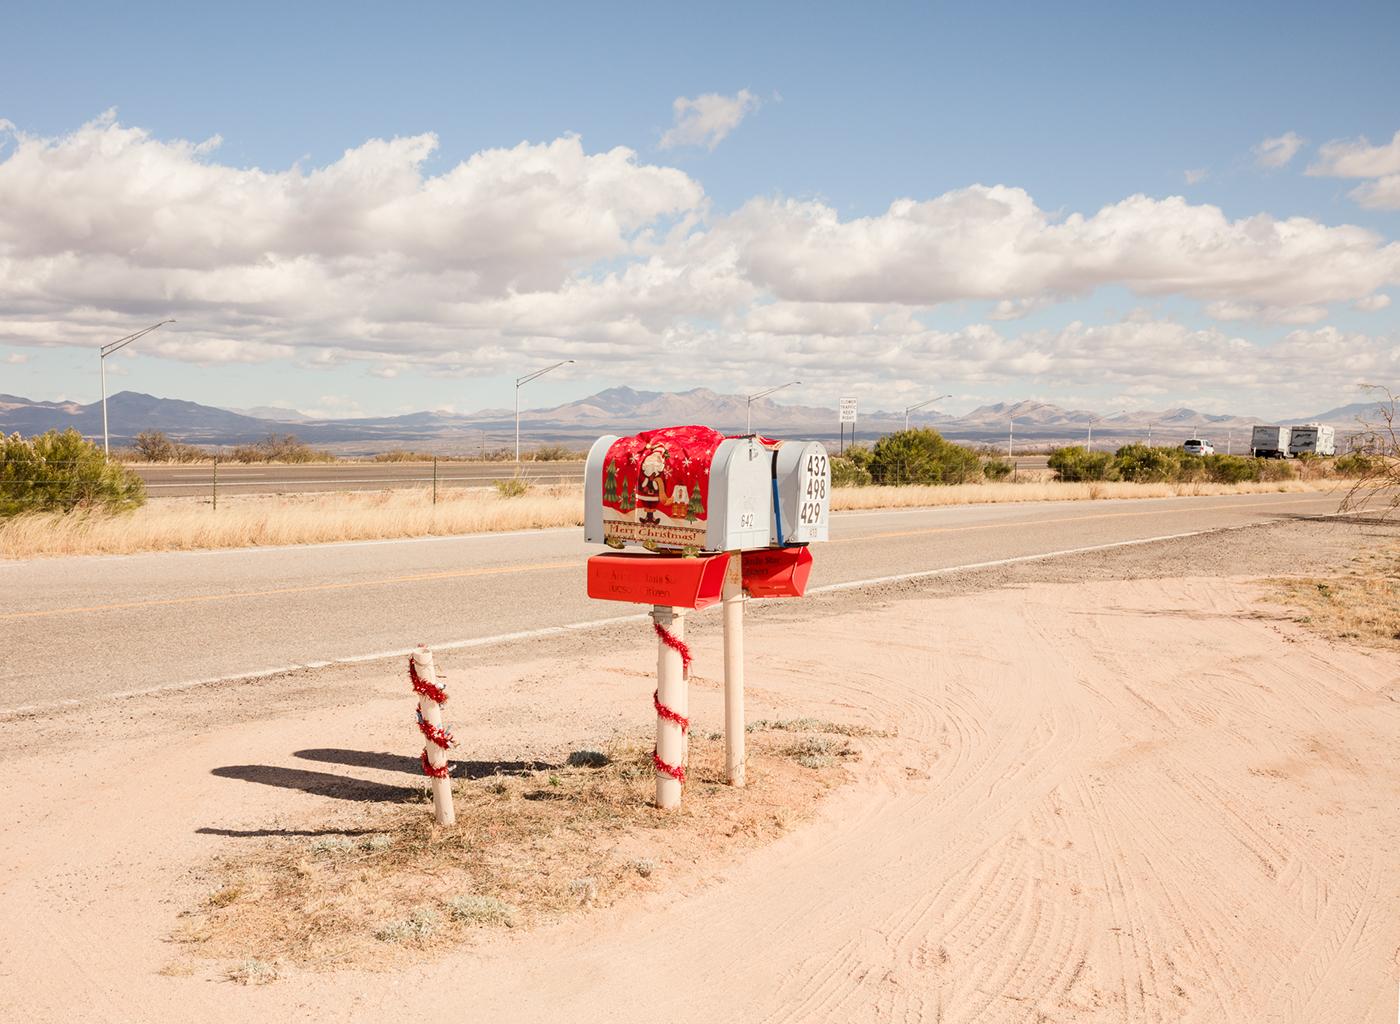 I-10 Ranch,  San Simon, AZ . 2016 Residence© Jesse Rieser